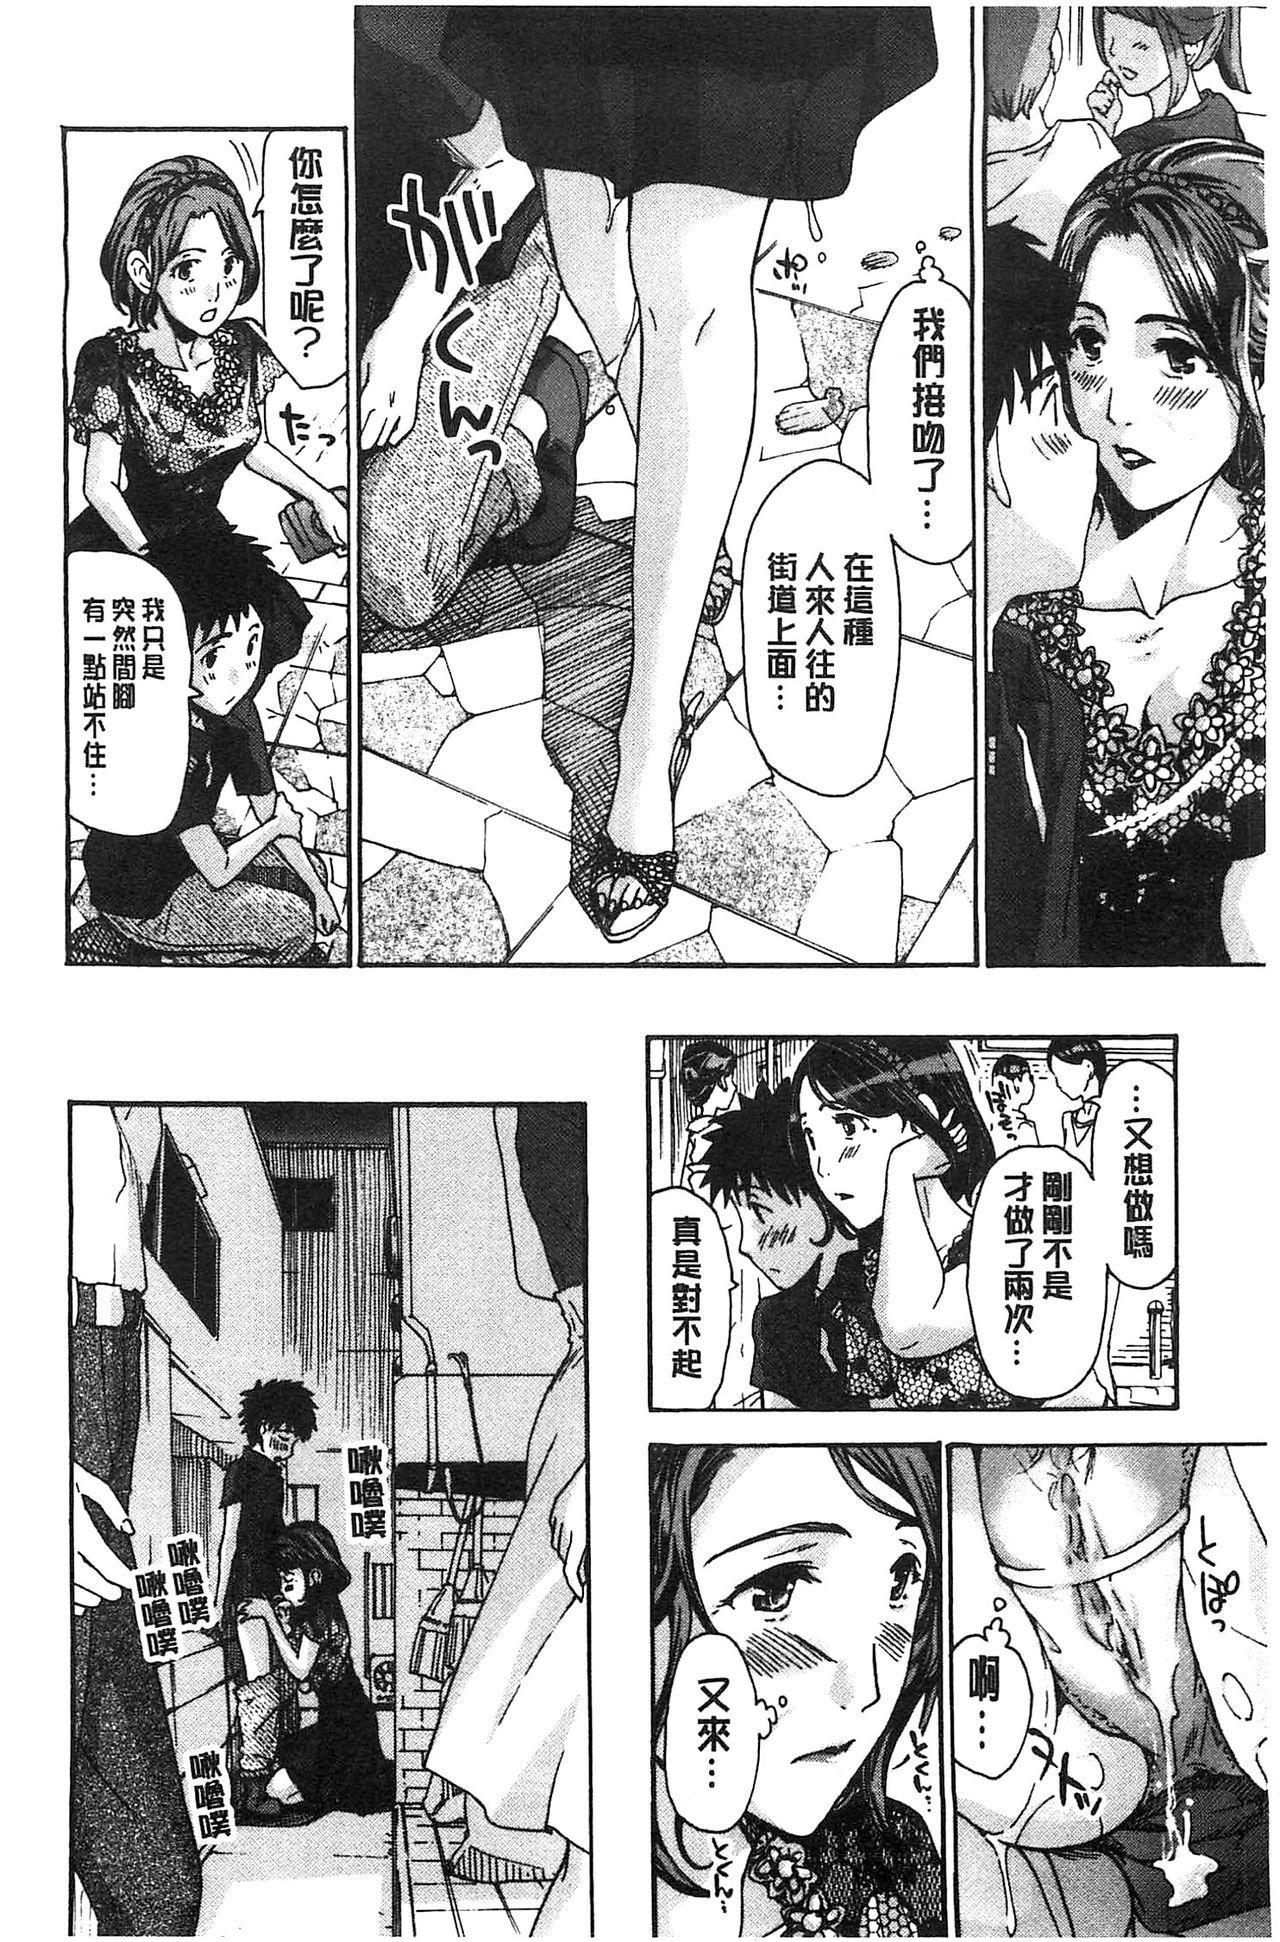 Watashito Iikoto Shiyo? 24